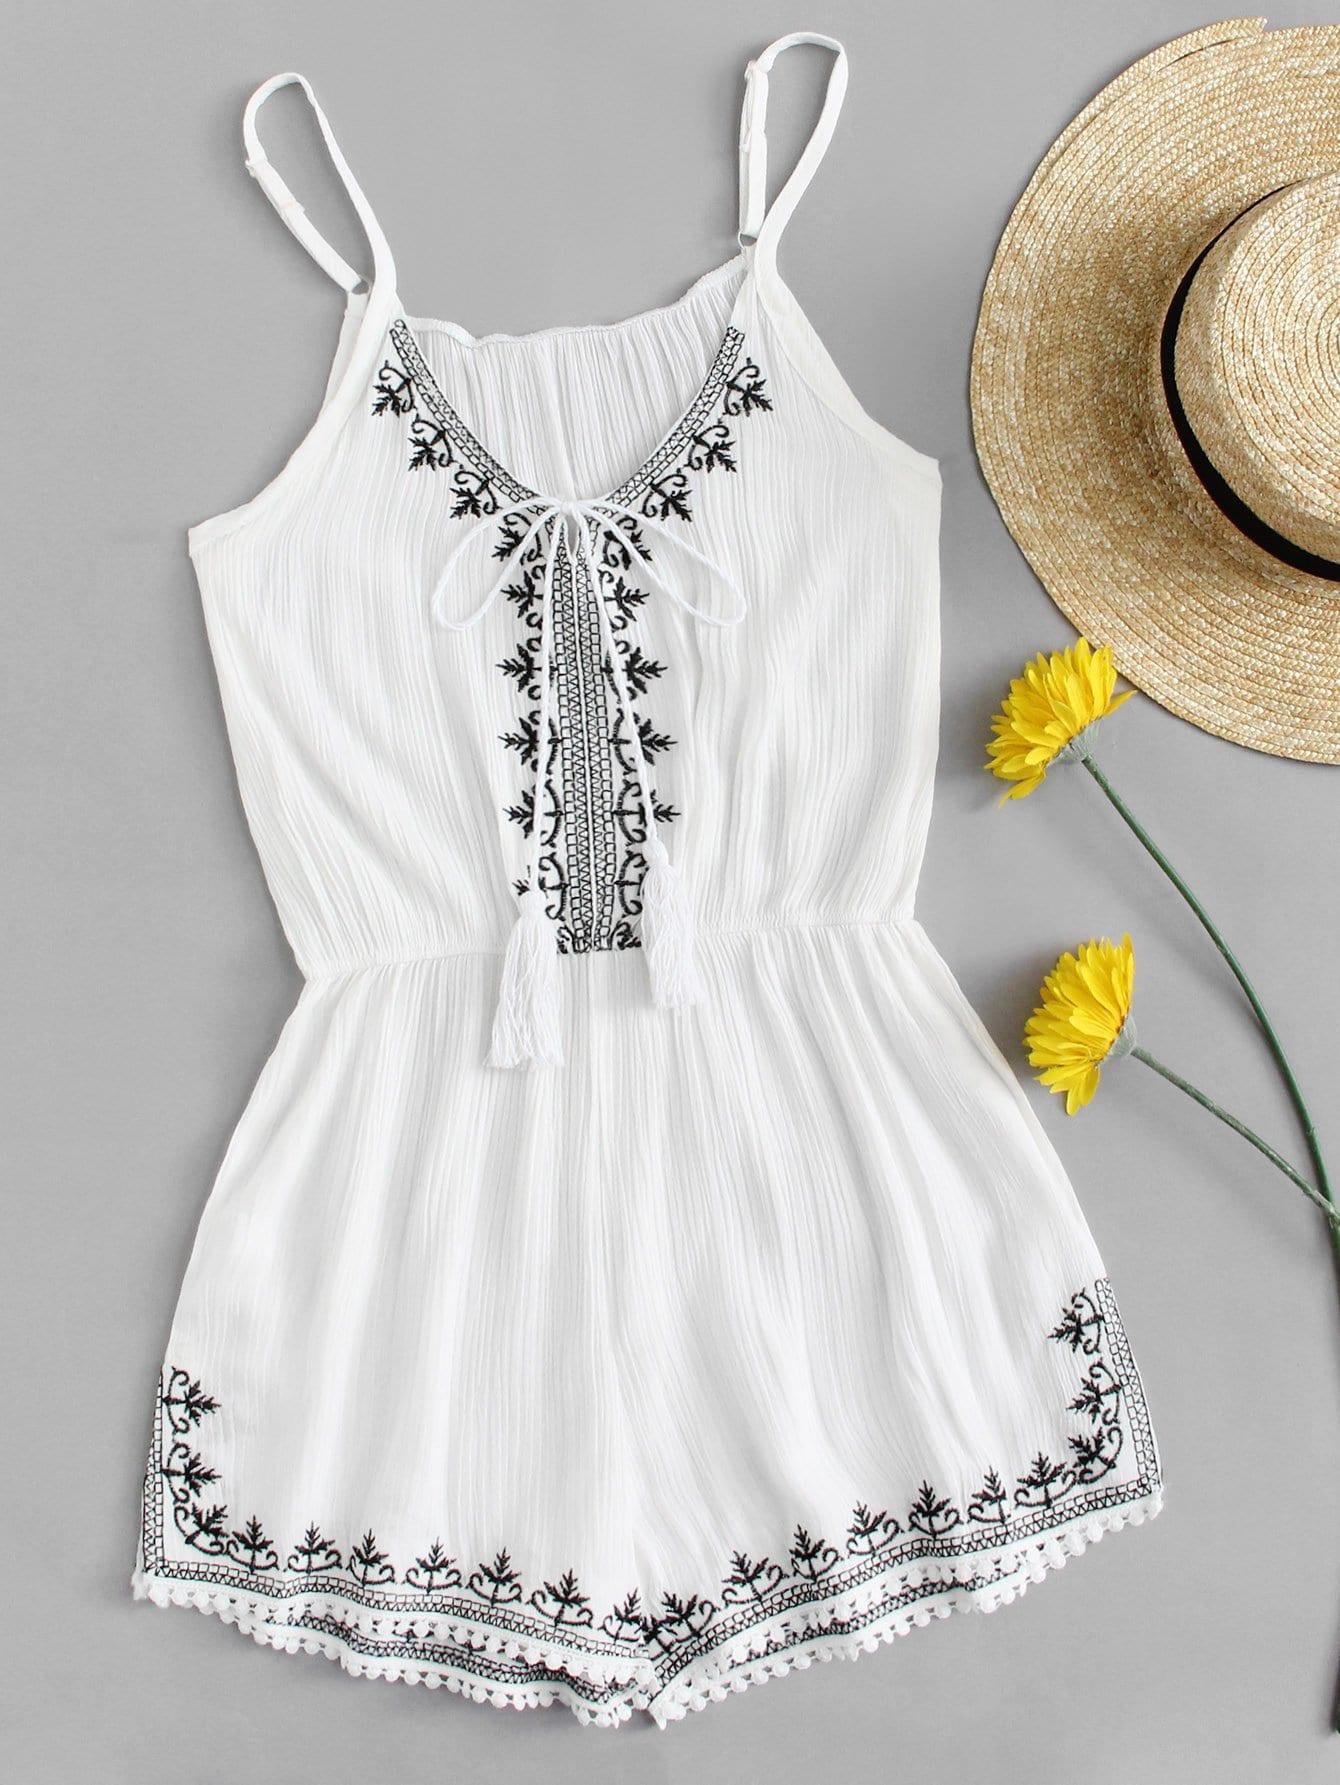 Купить Повседневный Геометрический с вышивкой Белый Комбинезон, null, SheIn